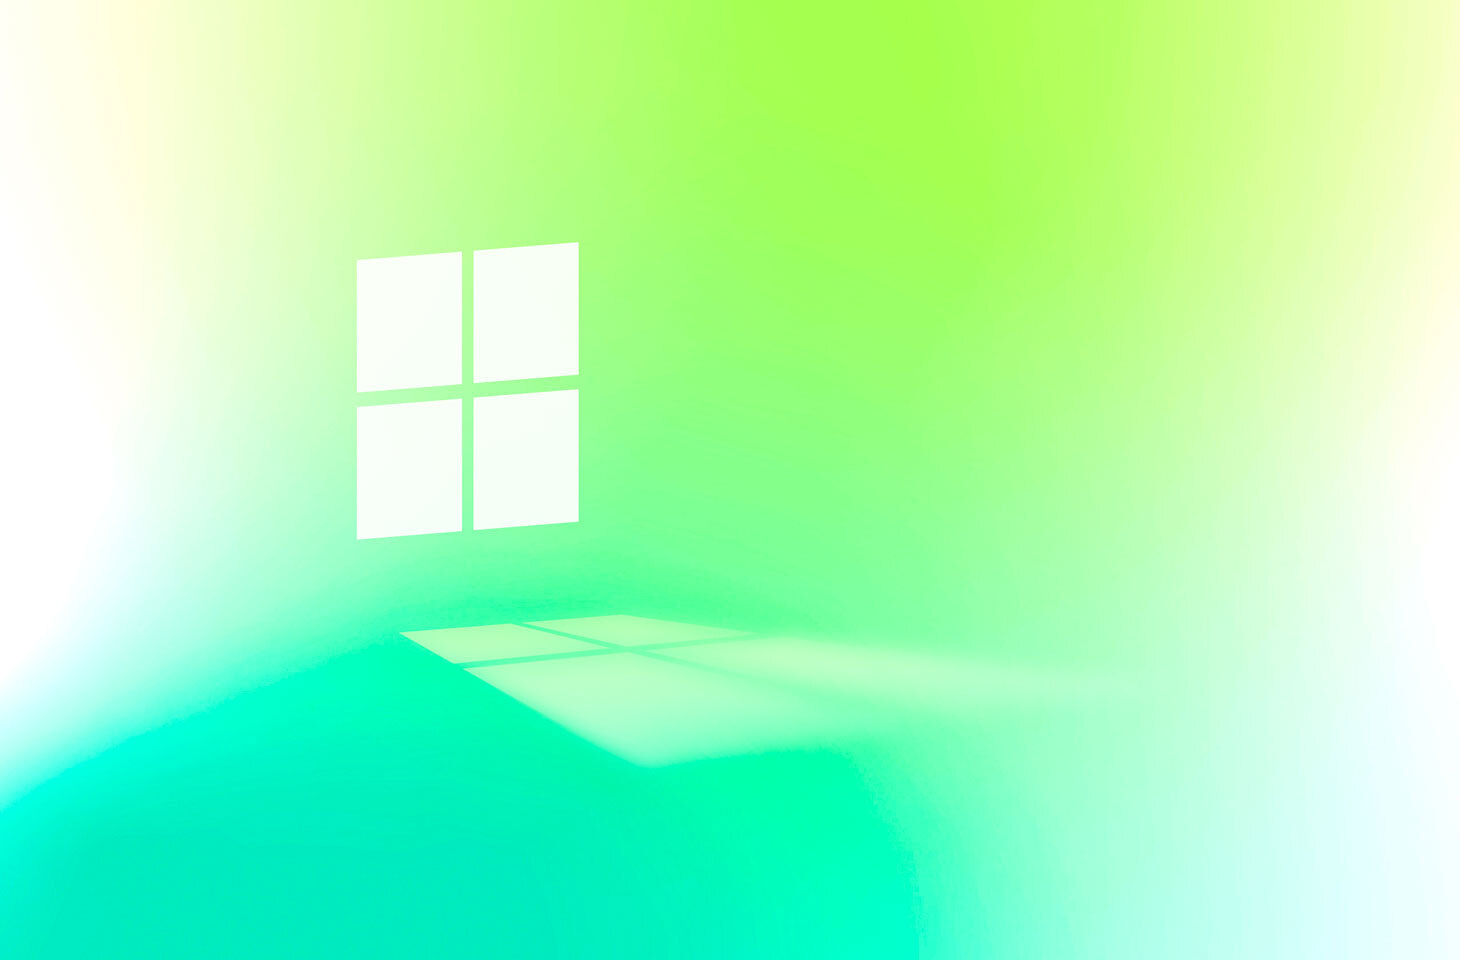 Windows 11を安全にダウンロードしてインストールする方法   カスペルスキー公式ブログ